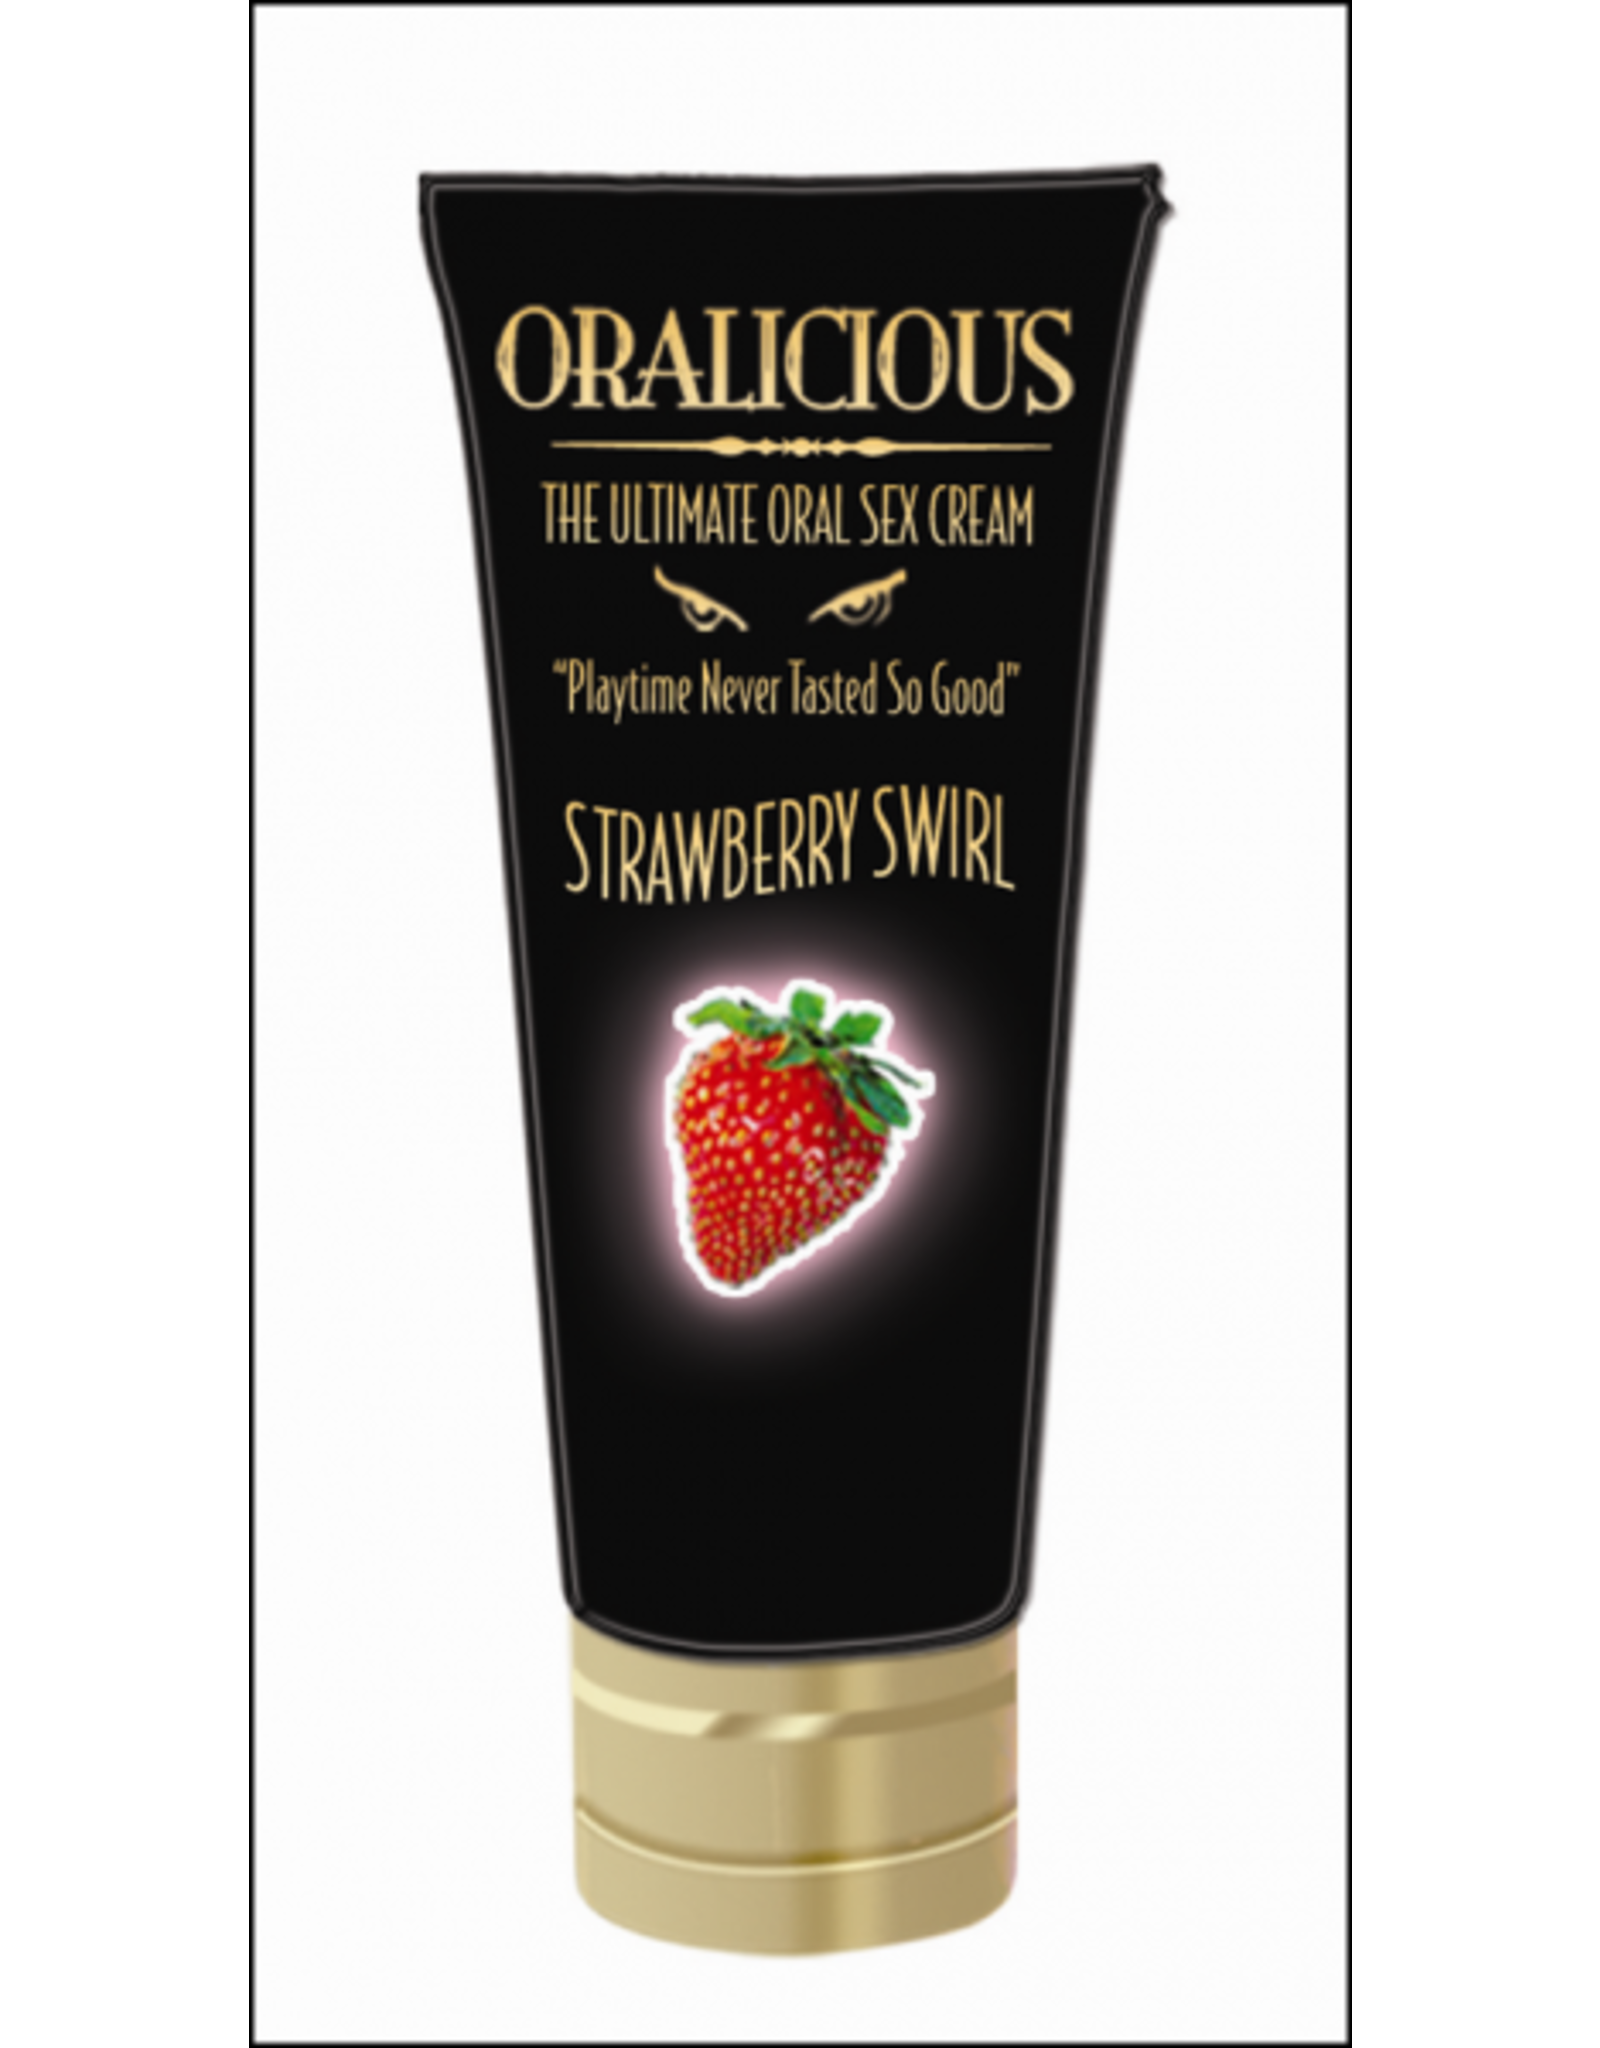 Oralicious - Ultimate Oral Sex Cream (Strawberry Swirl)